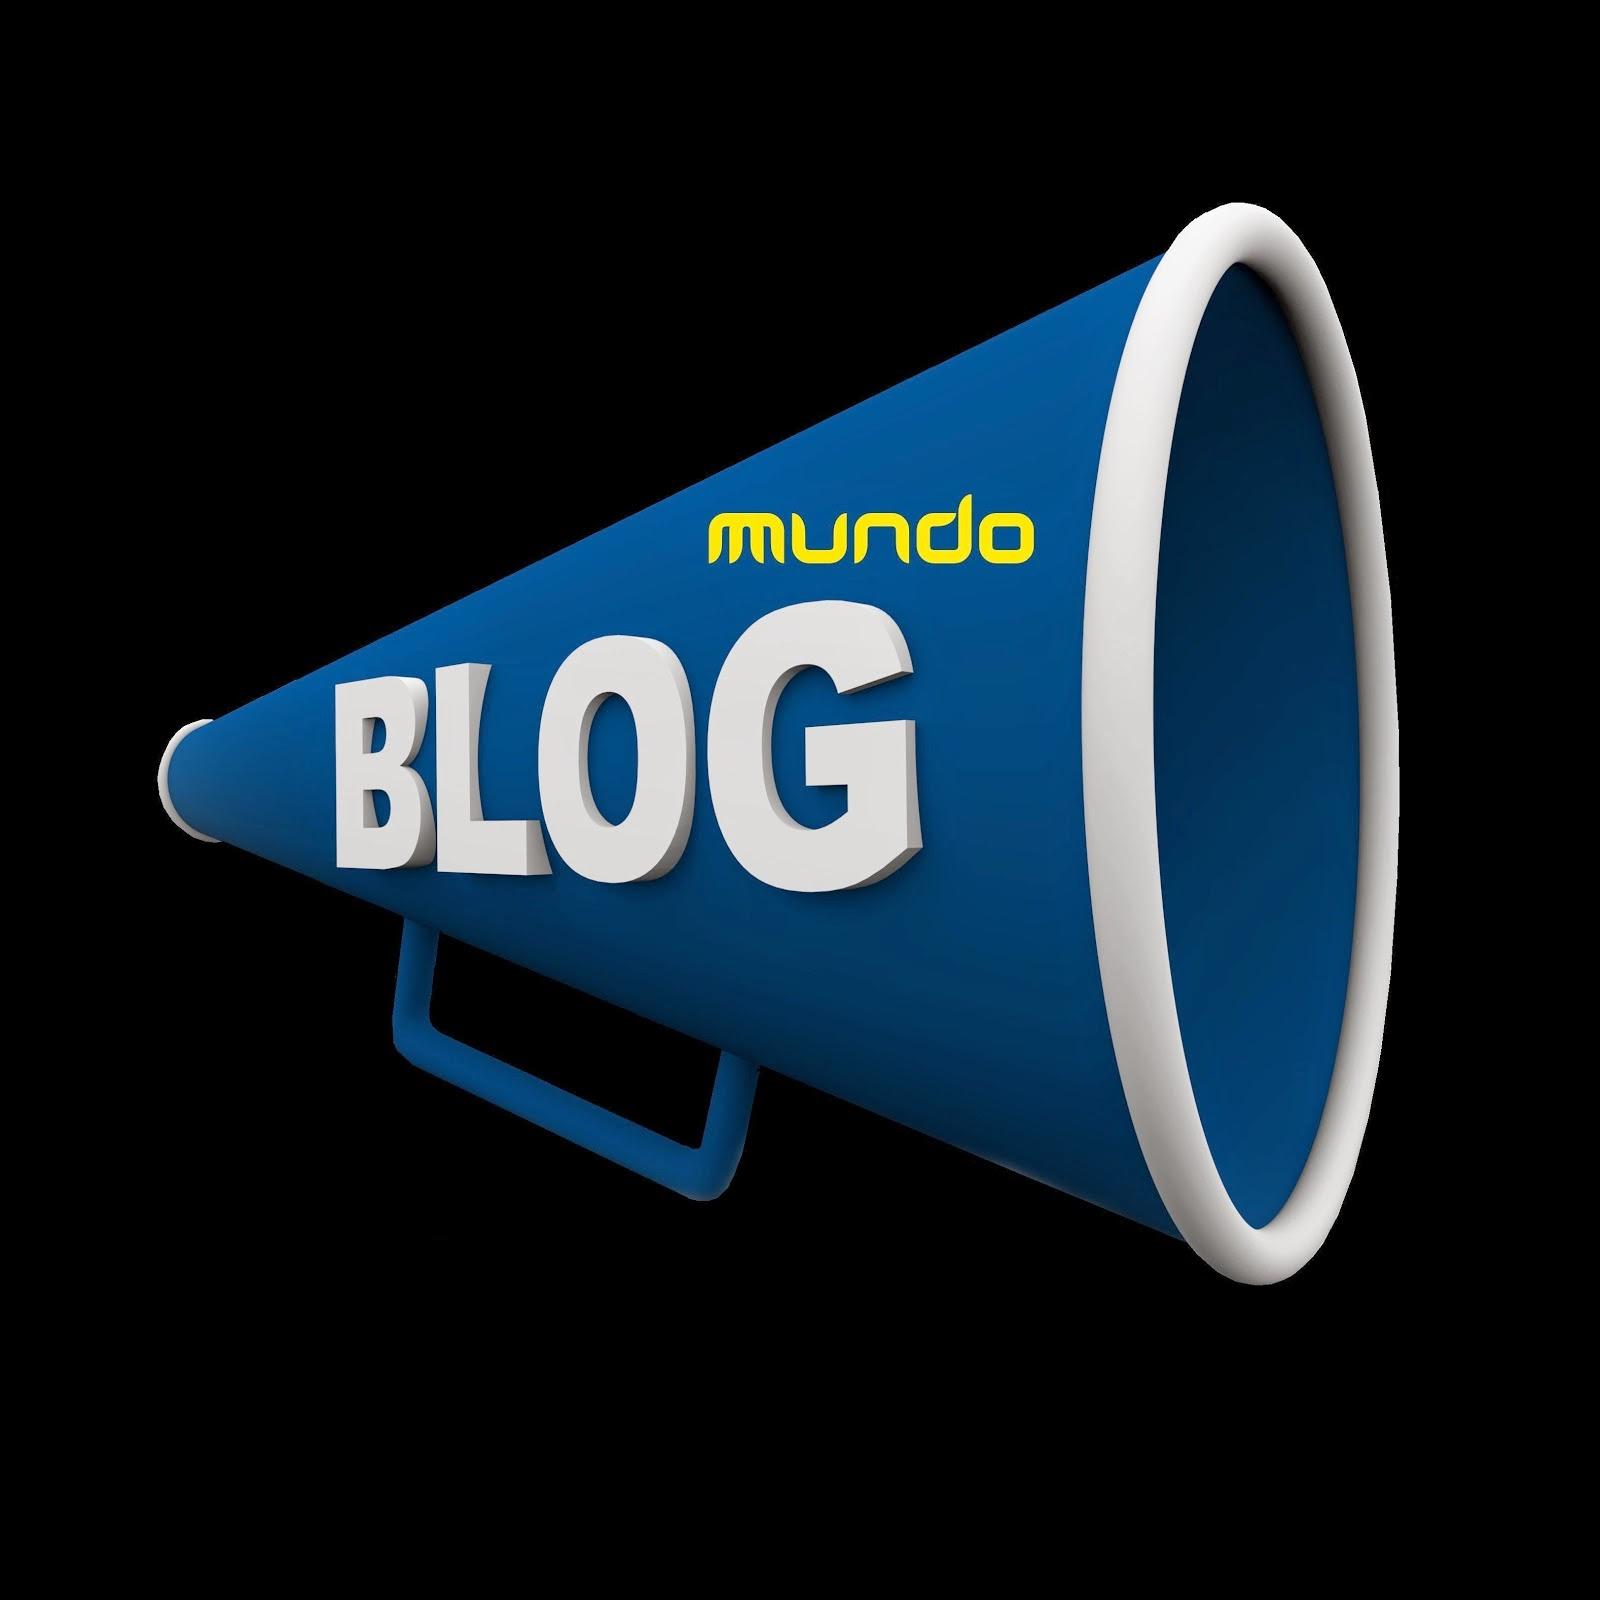 Comunidad de blogueros